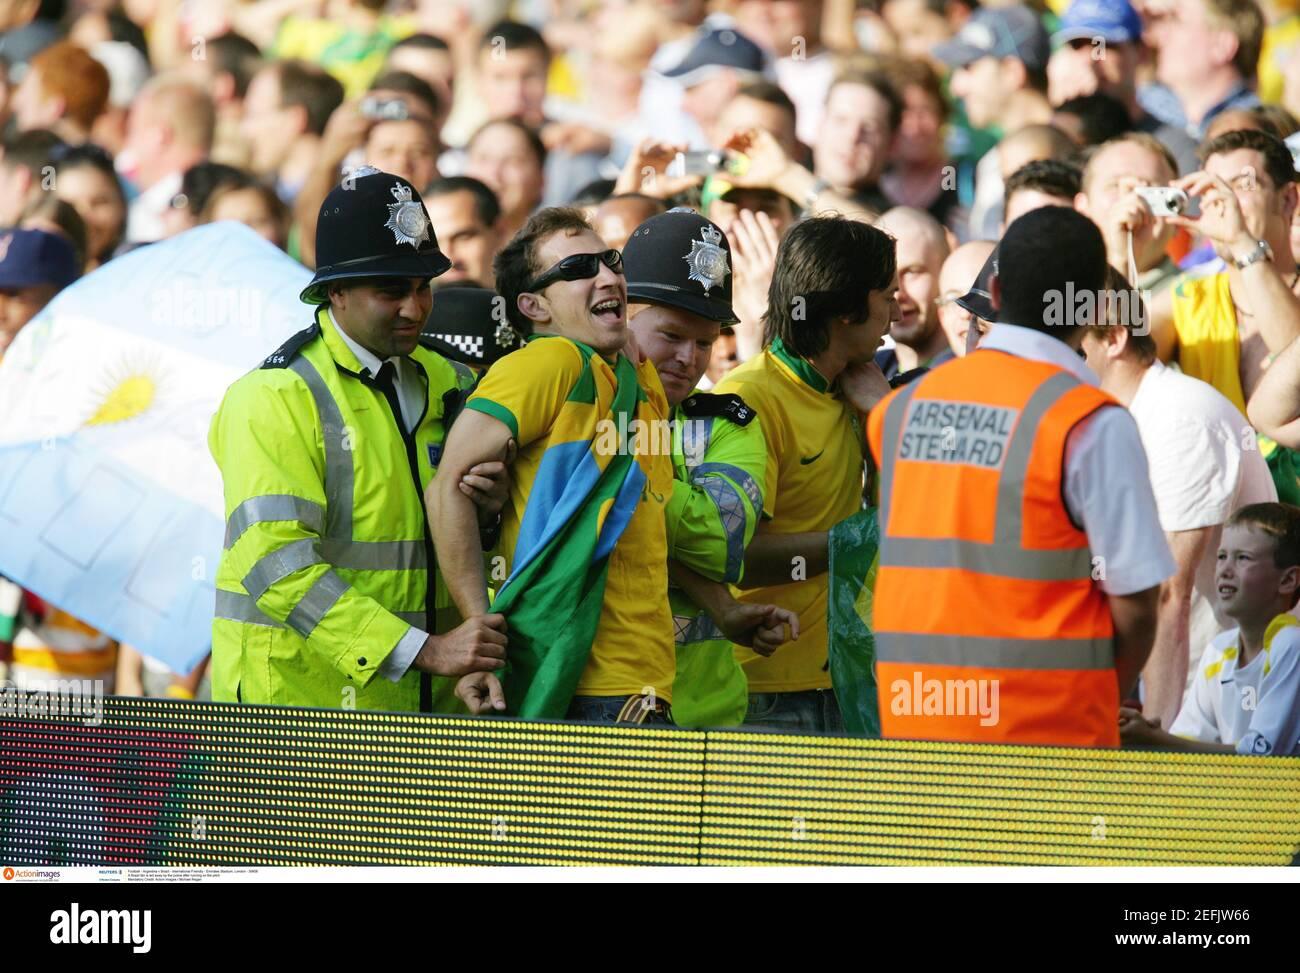 Football - Argentine / Brésil - International friendly - Emirates Stadium, Londres - 3/9/06 UN fan du Brésil est conduit par la police après avoir courir sur le terrain crédit obligatoire: Action Images / Michael Regan Banque D'Images